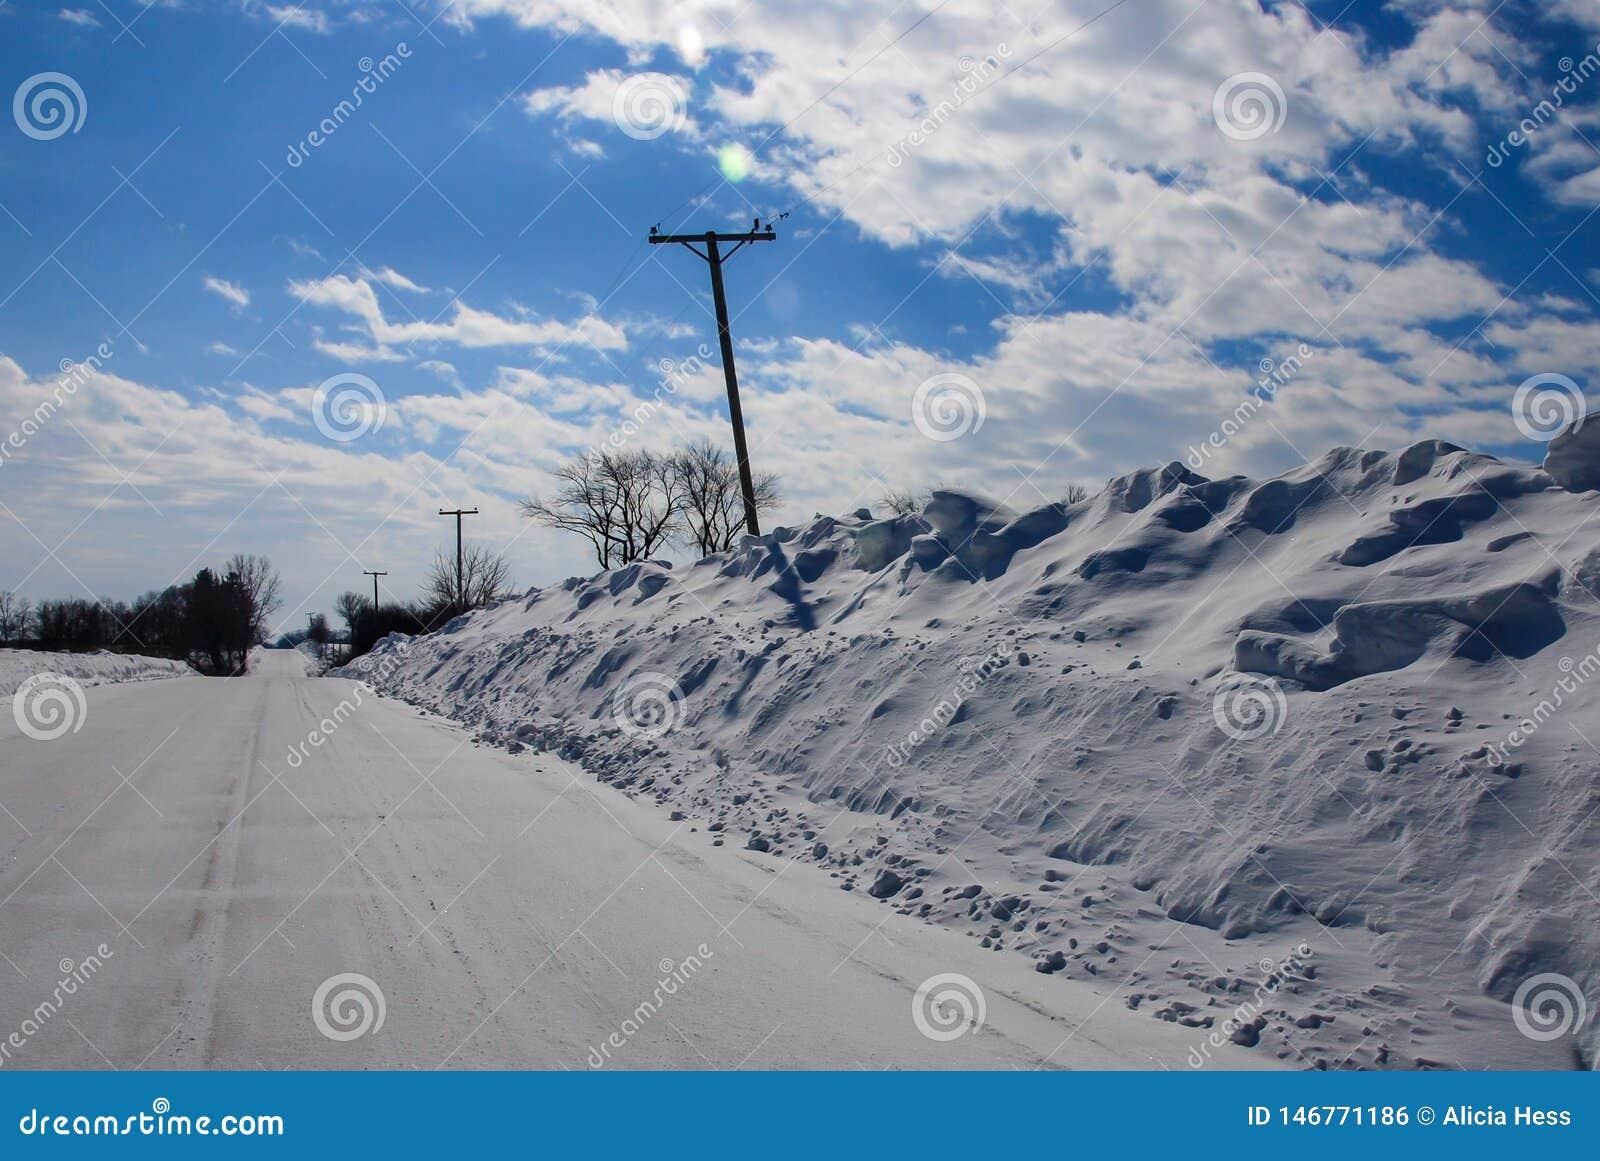 Gli snowbanks estremamente profondi hanno spinto il palo di telefono curvato